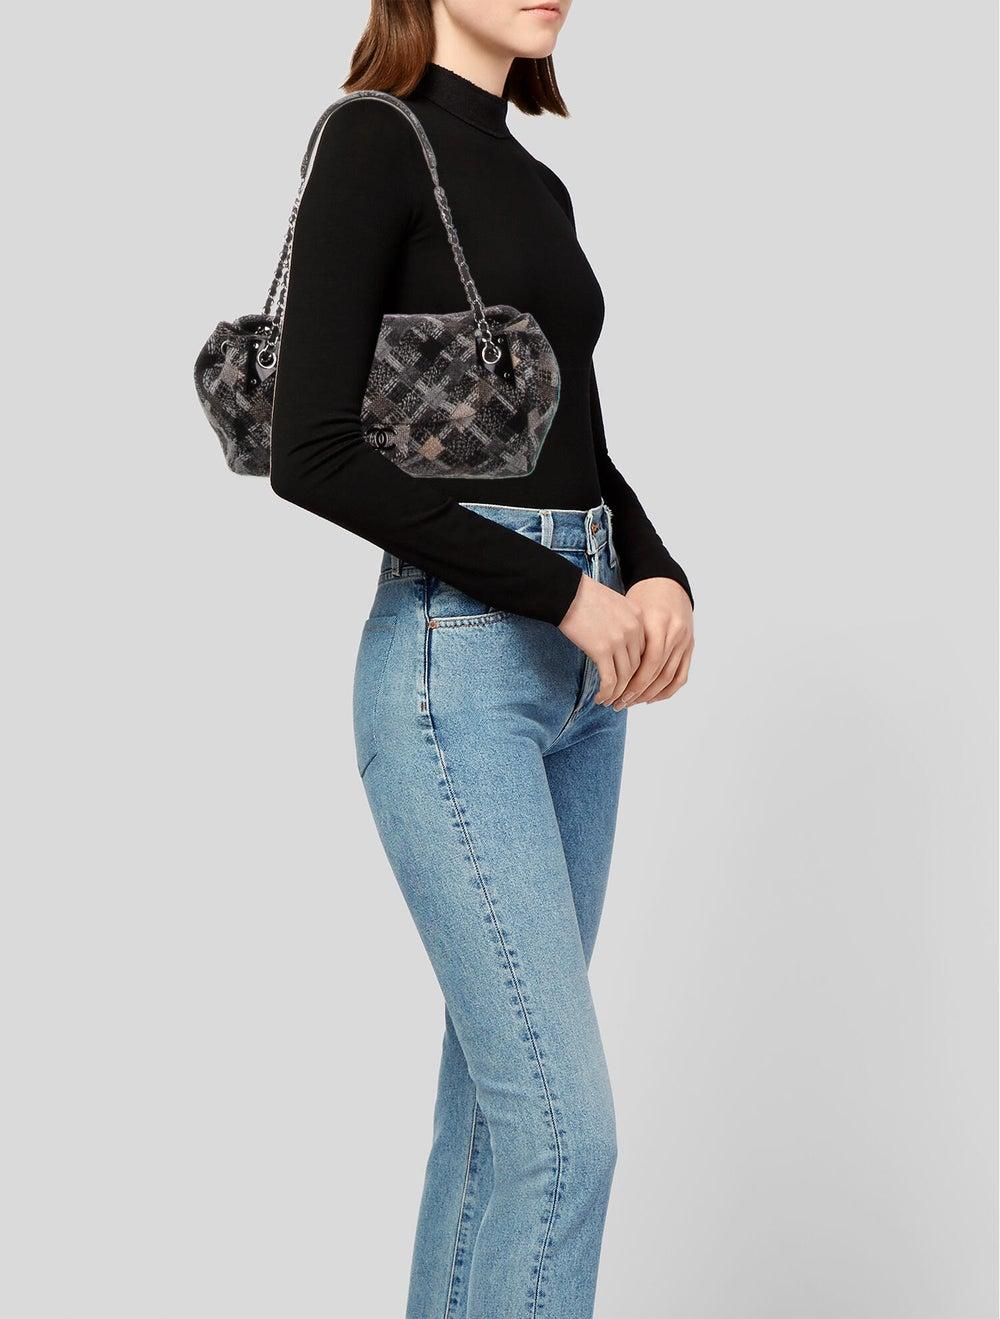 Chanel Jumbo Tweed Single Flap Bag Grey - image 2